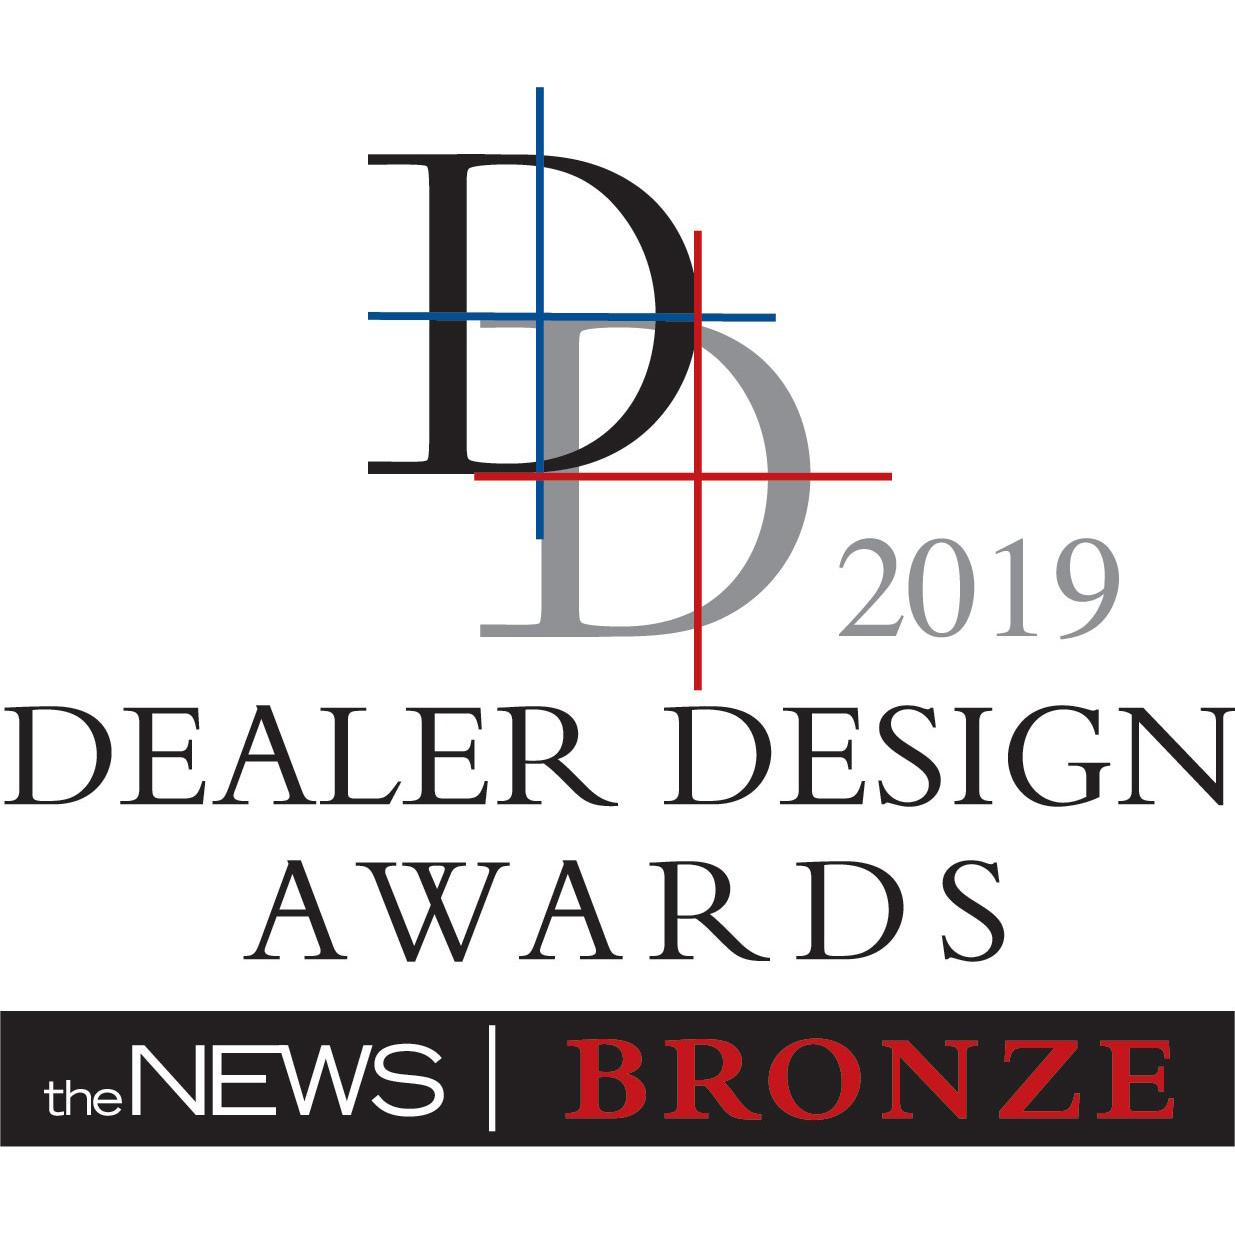 Aprilaire's 2019 Dealer Design Award